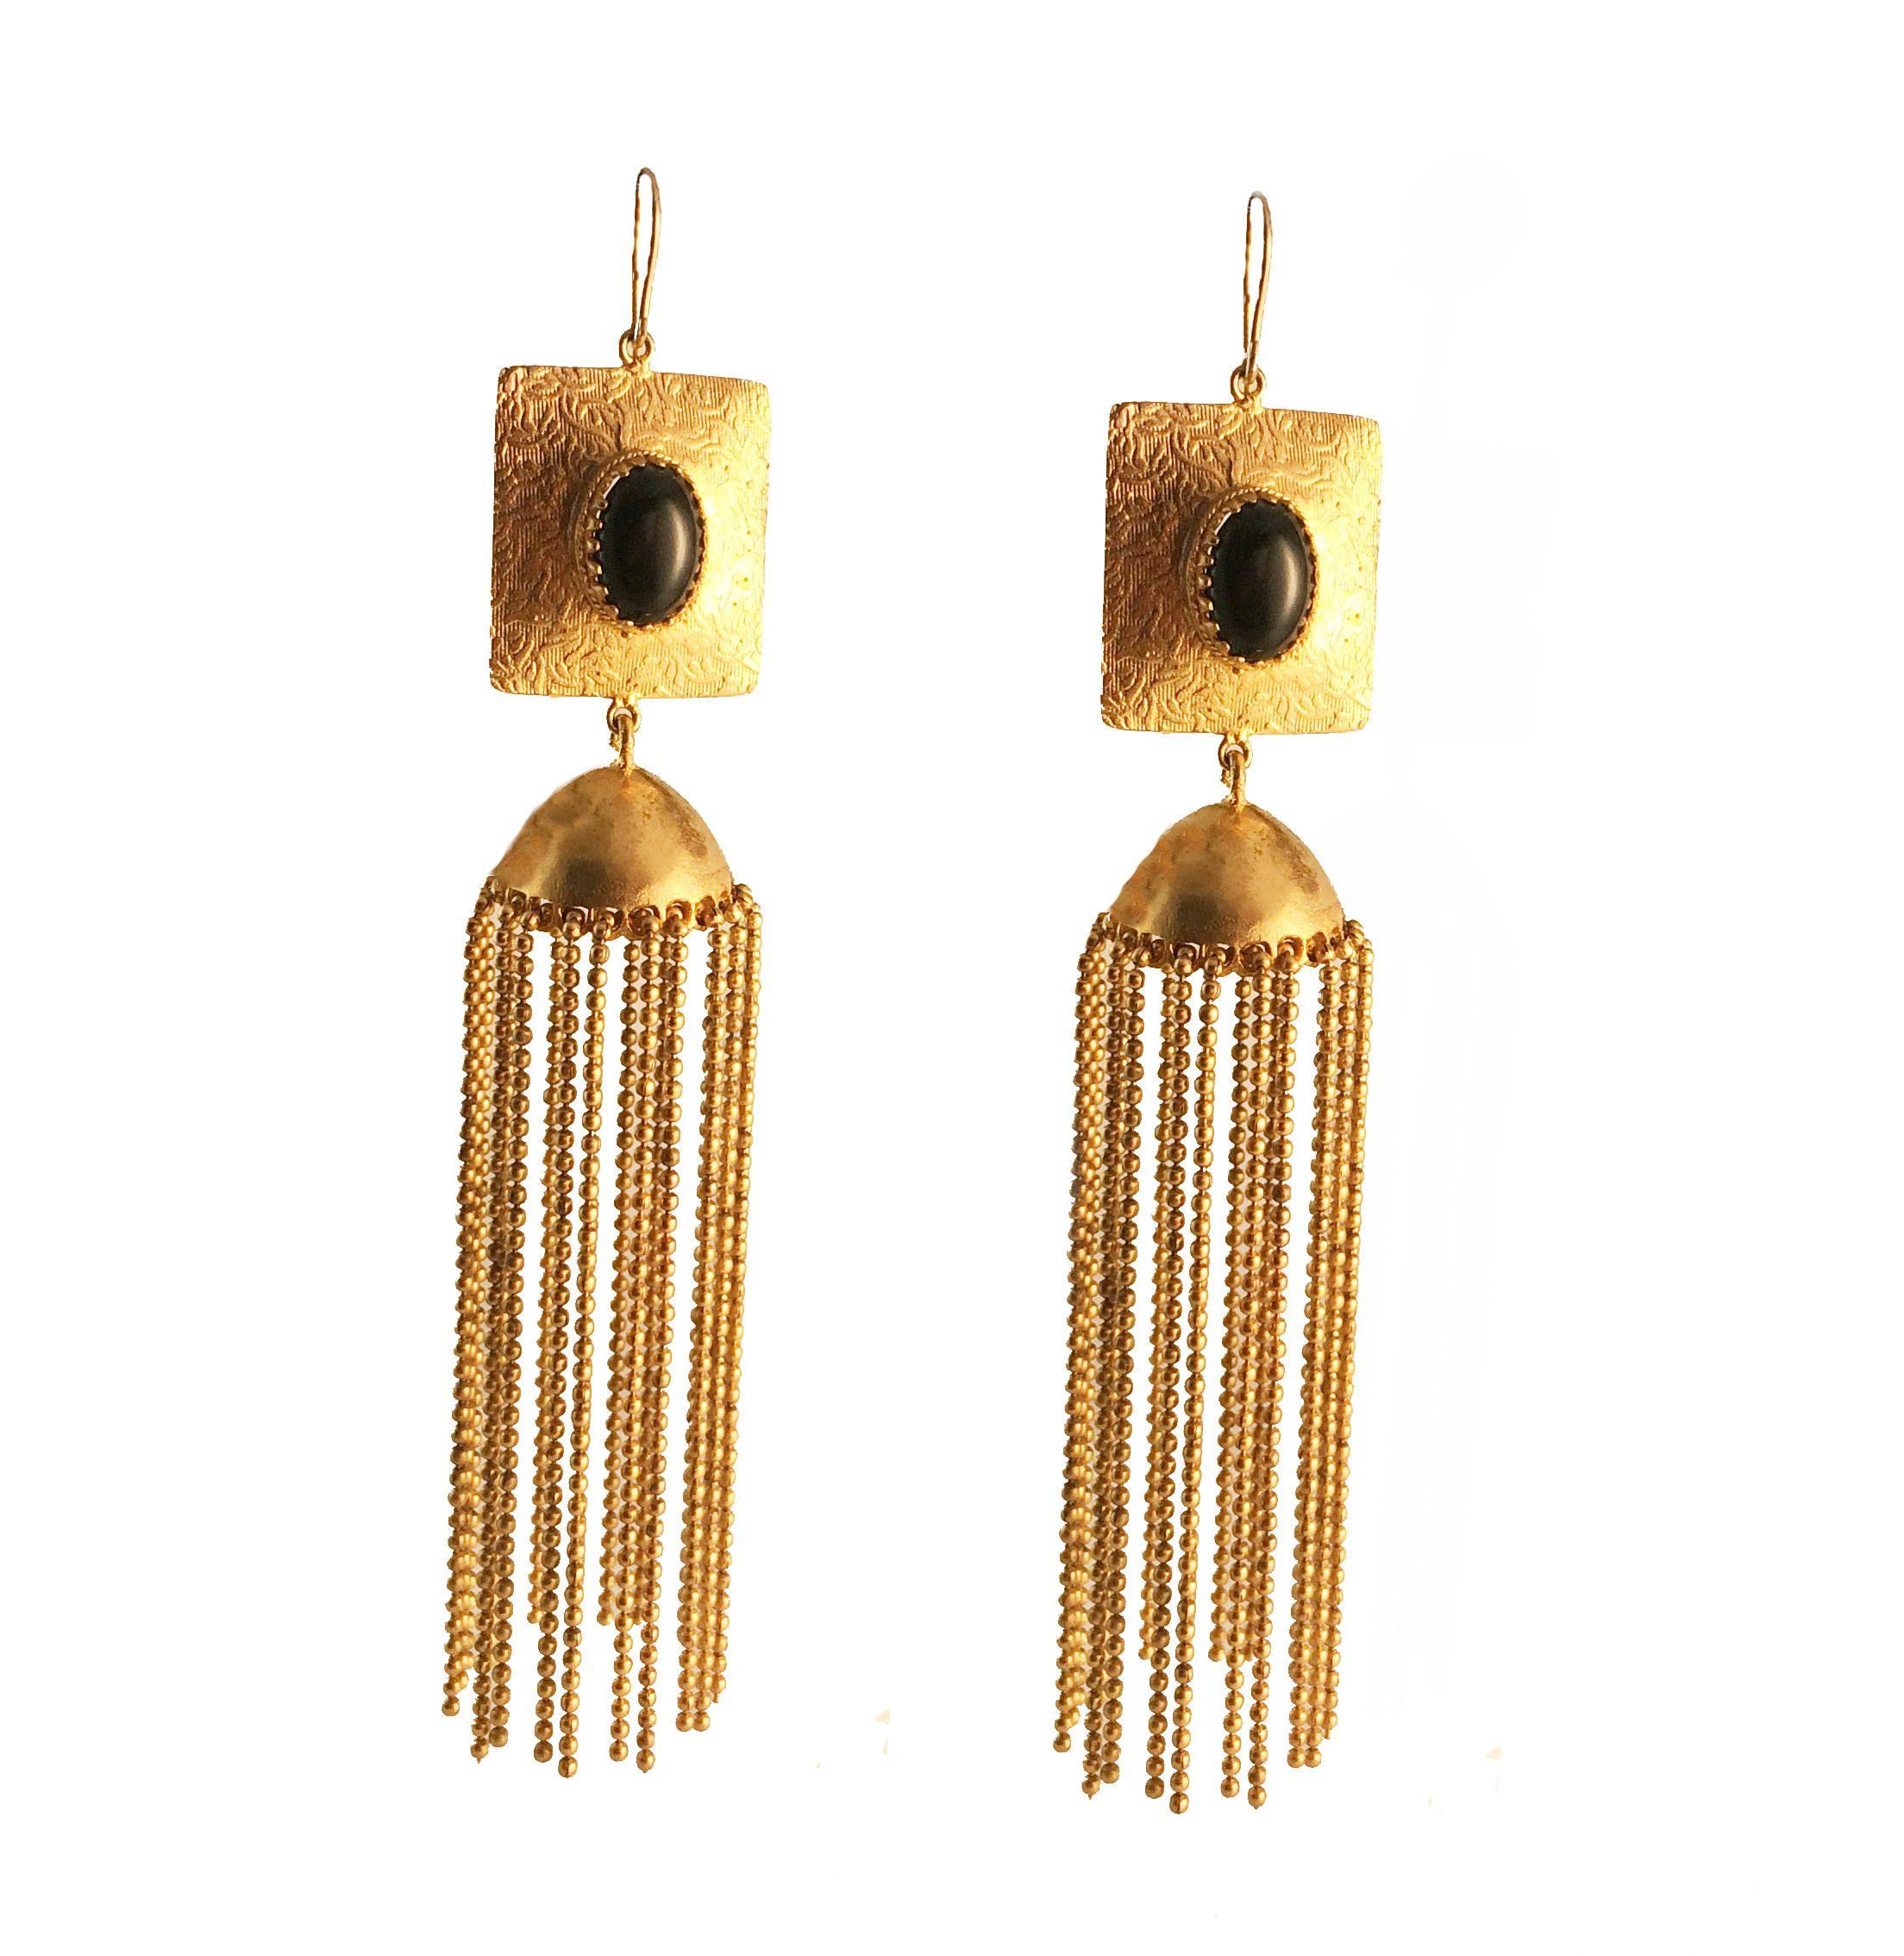 Black gold Earrings Modern gold Chandelier Earrings 18K gold